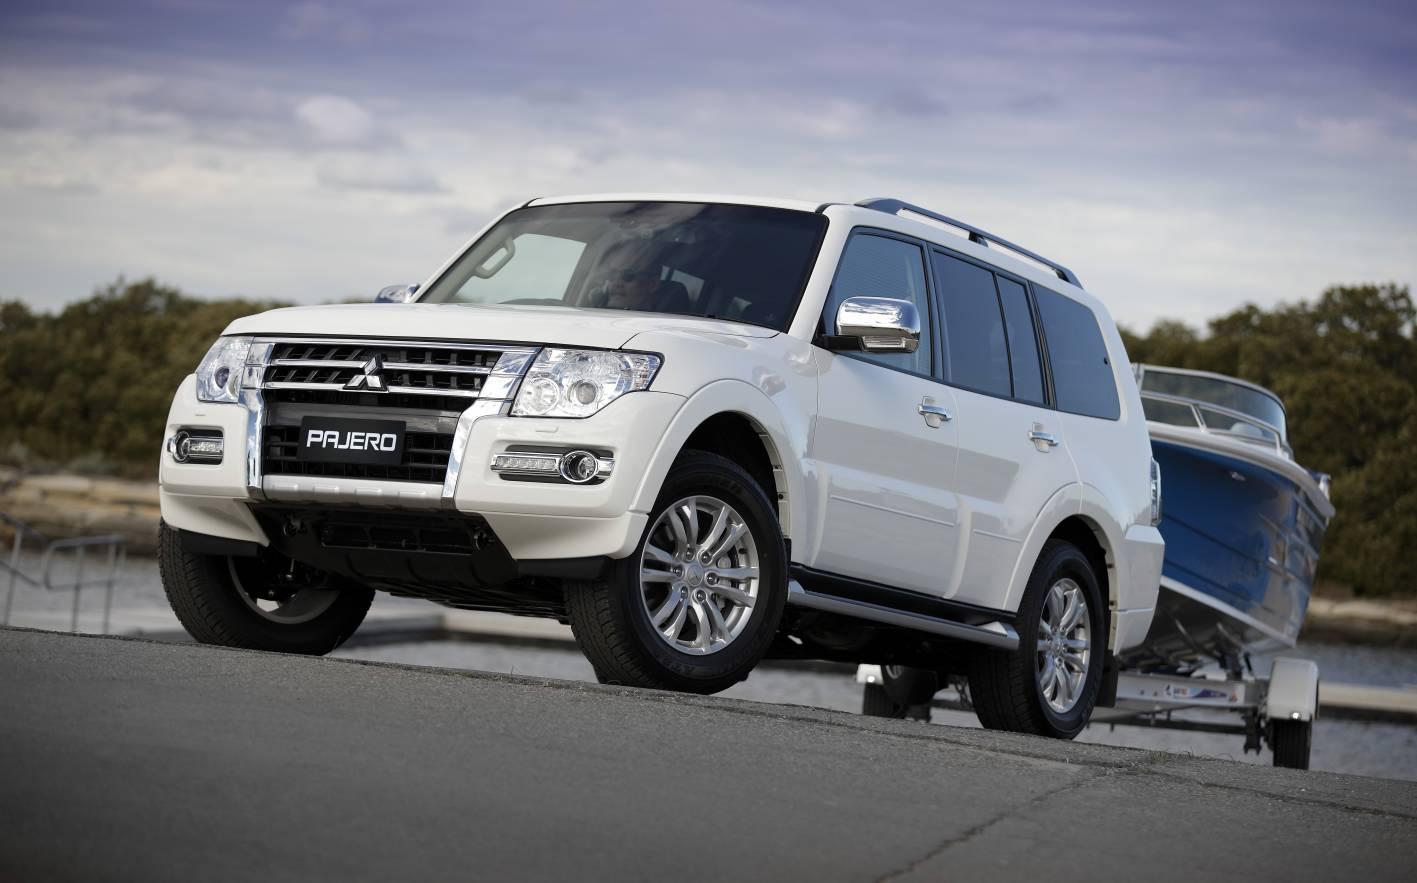 2020 Mitsubishi Pajero brings added safety, improved ...